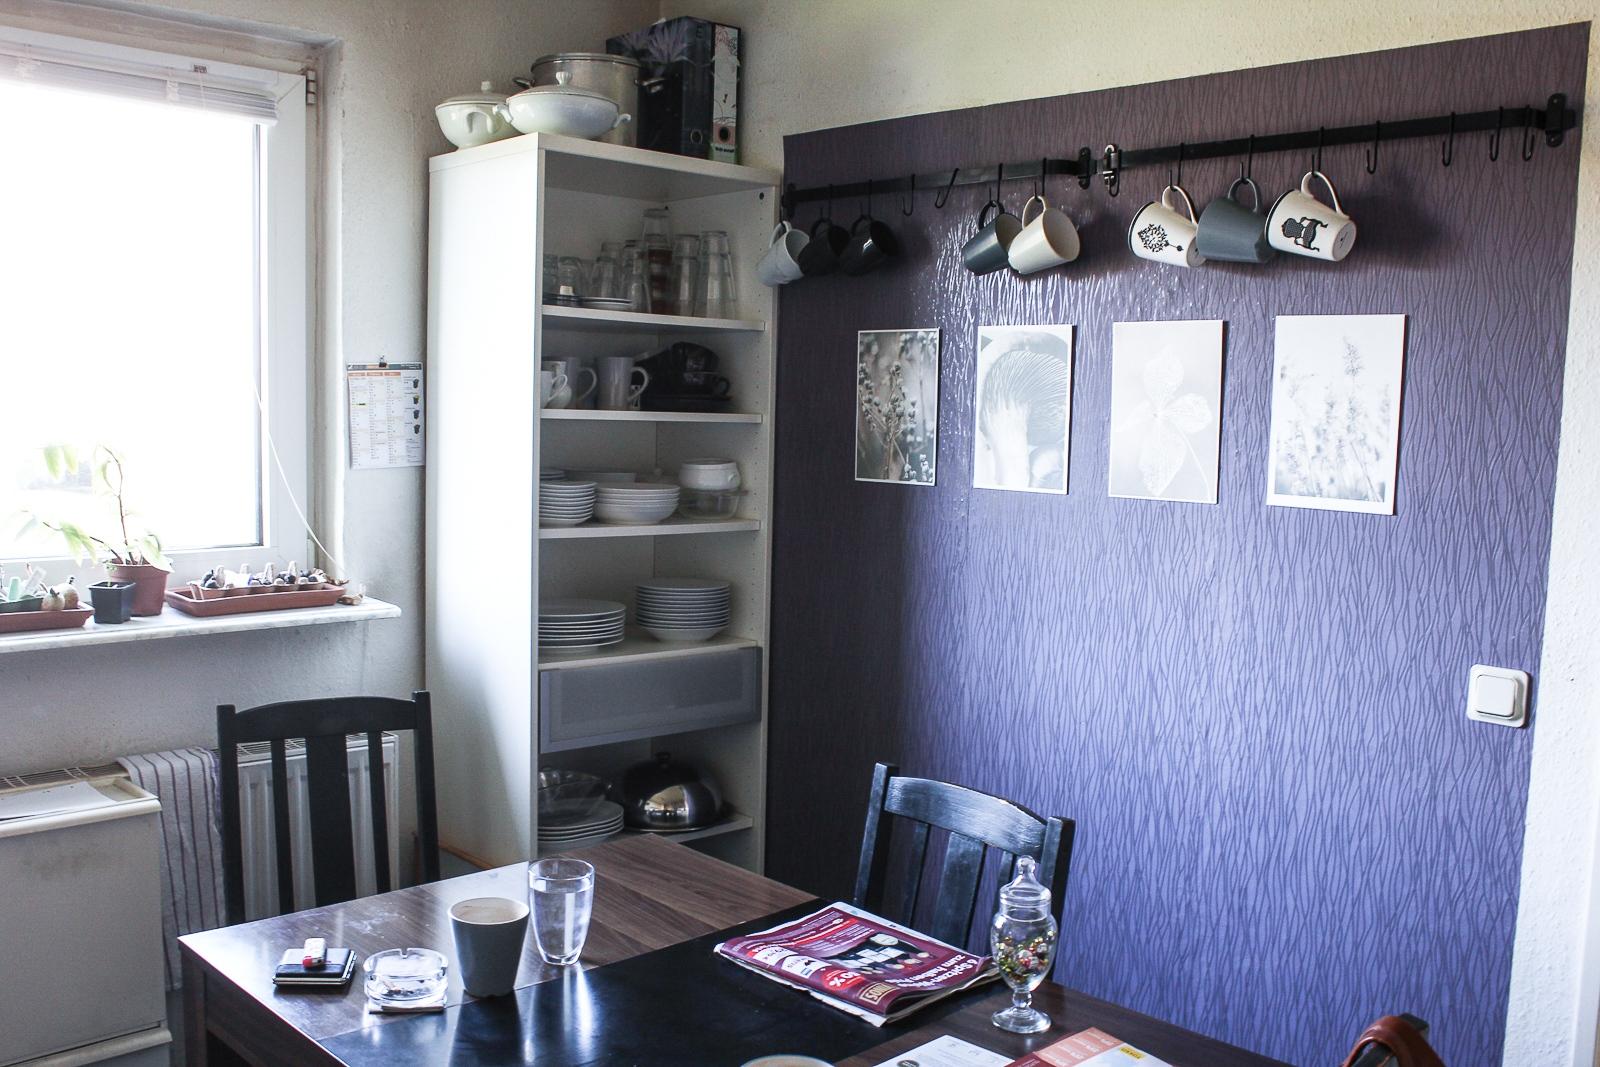 küchenrenovierung 2020  teil 2  tisch stühle und nicht